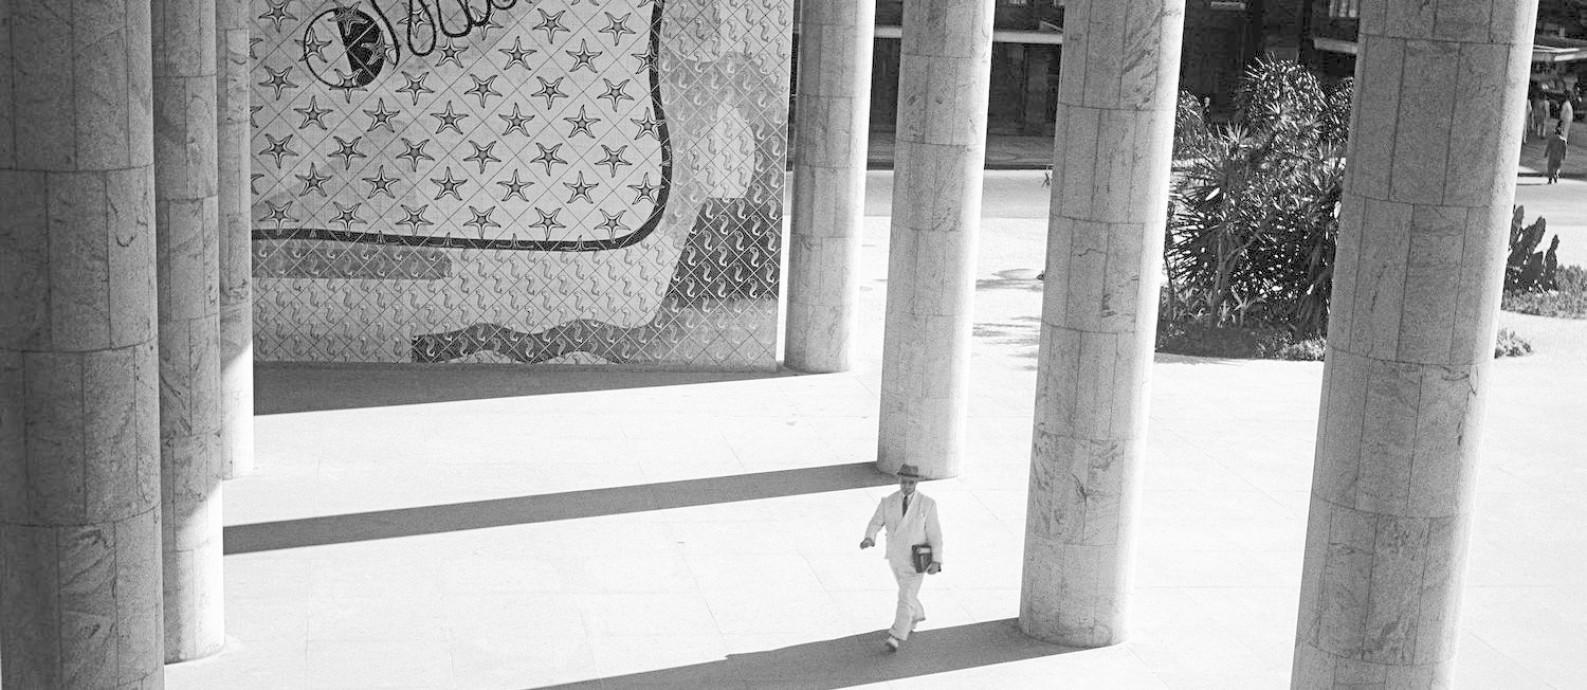 Colunatas e painel de azulejos de Candido Portinari no edifício do Ministério da Educação e Saúde, Rio de Janeiro, 1946. Foto: Divulgação